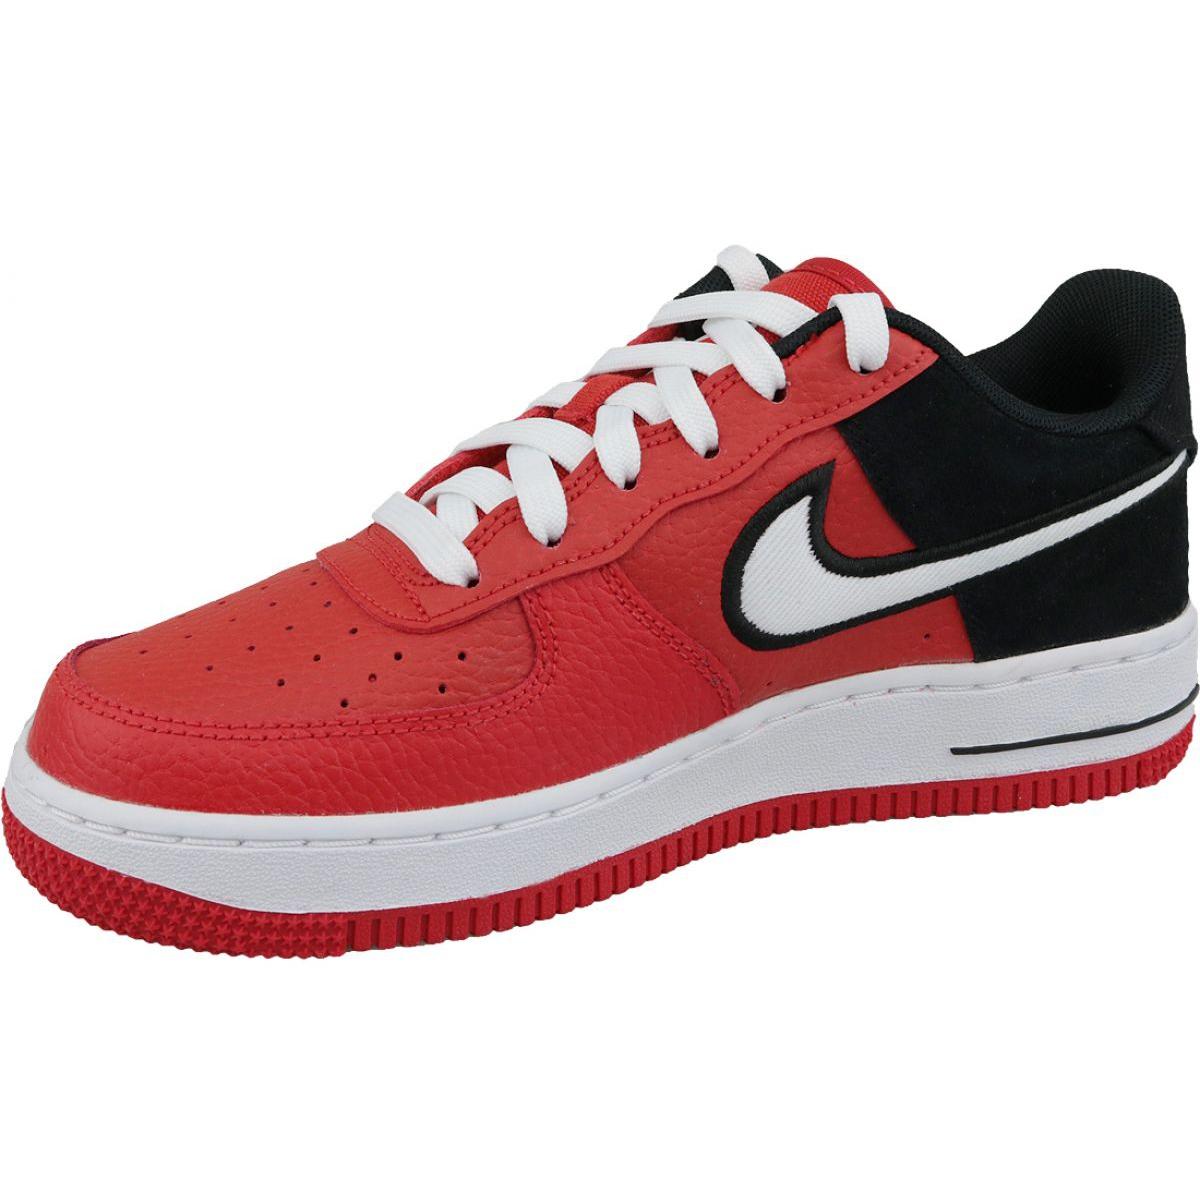 Sapatos Nike Air Force 1 LV8 1 Gs W AV0743 600